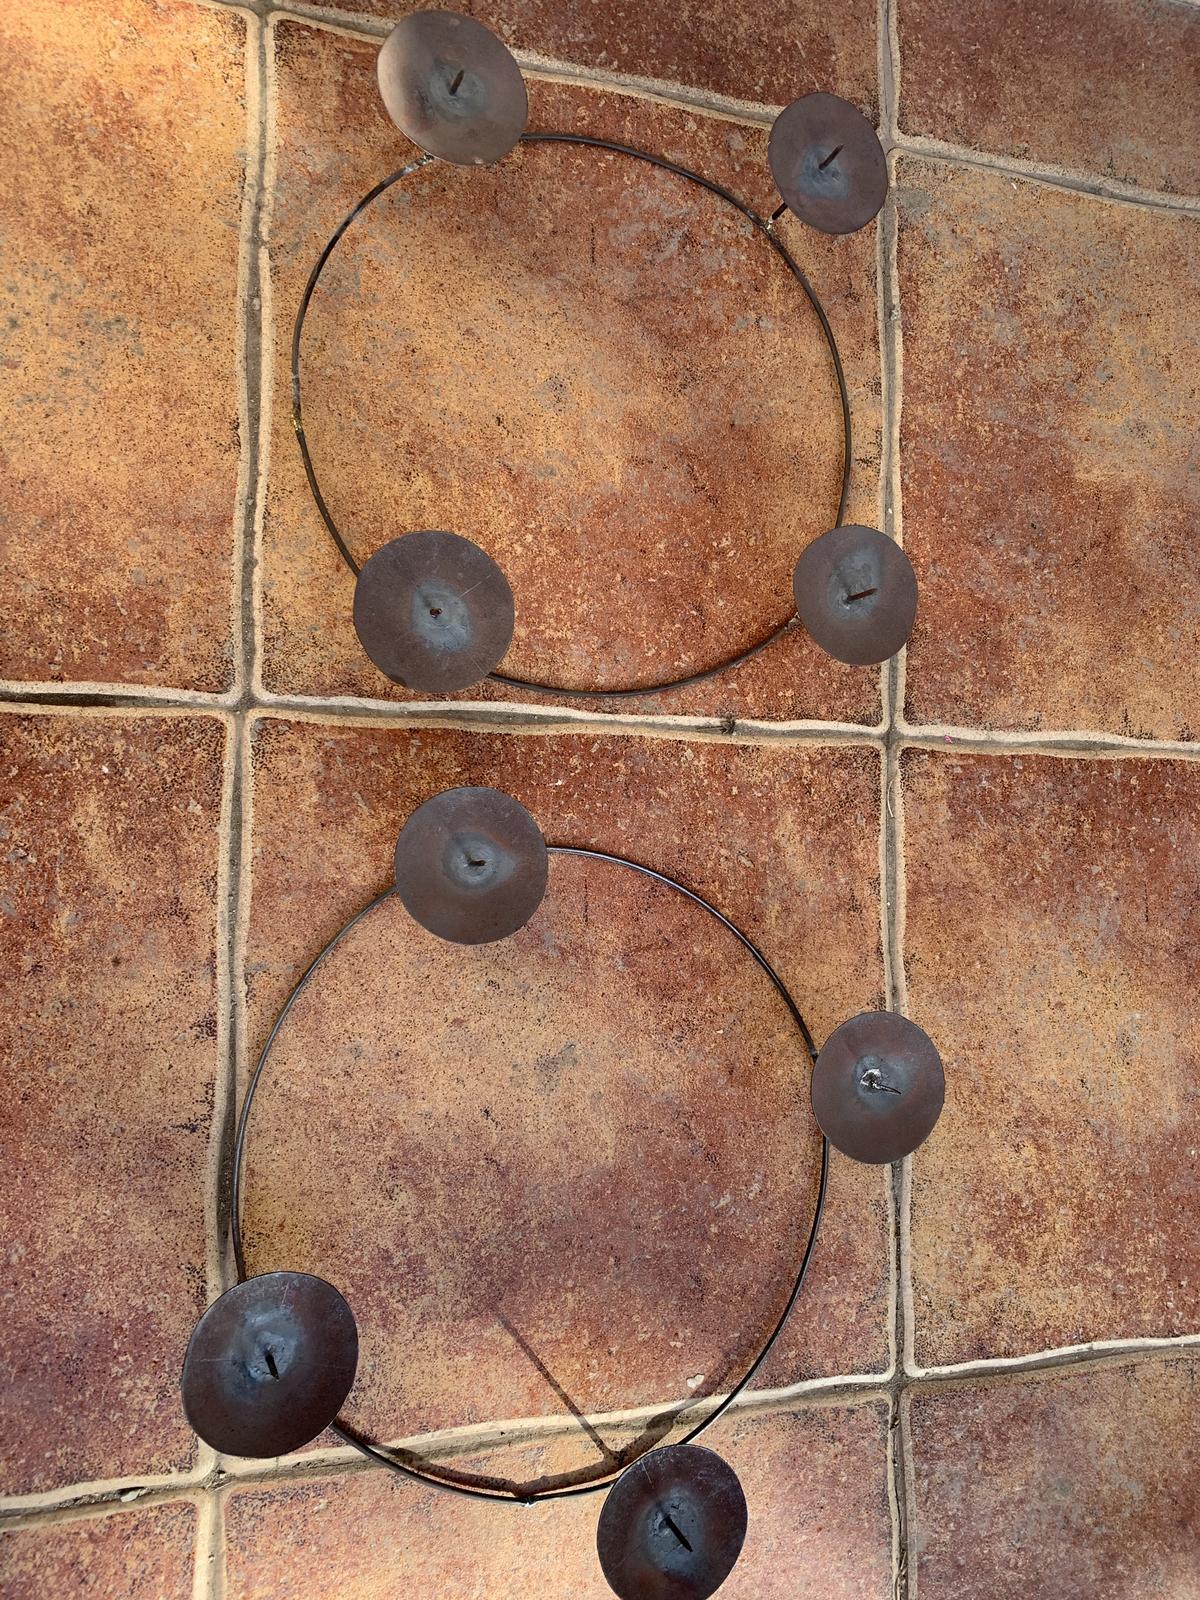 holý svietnik,alebo kruh na adventný veniec - Obrázok č. 1